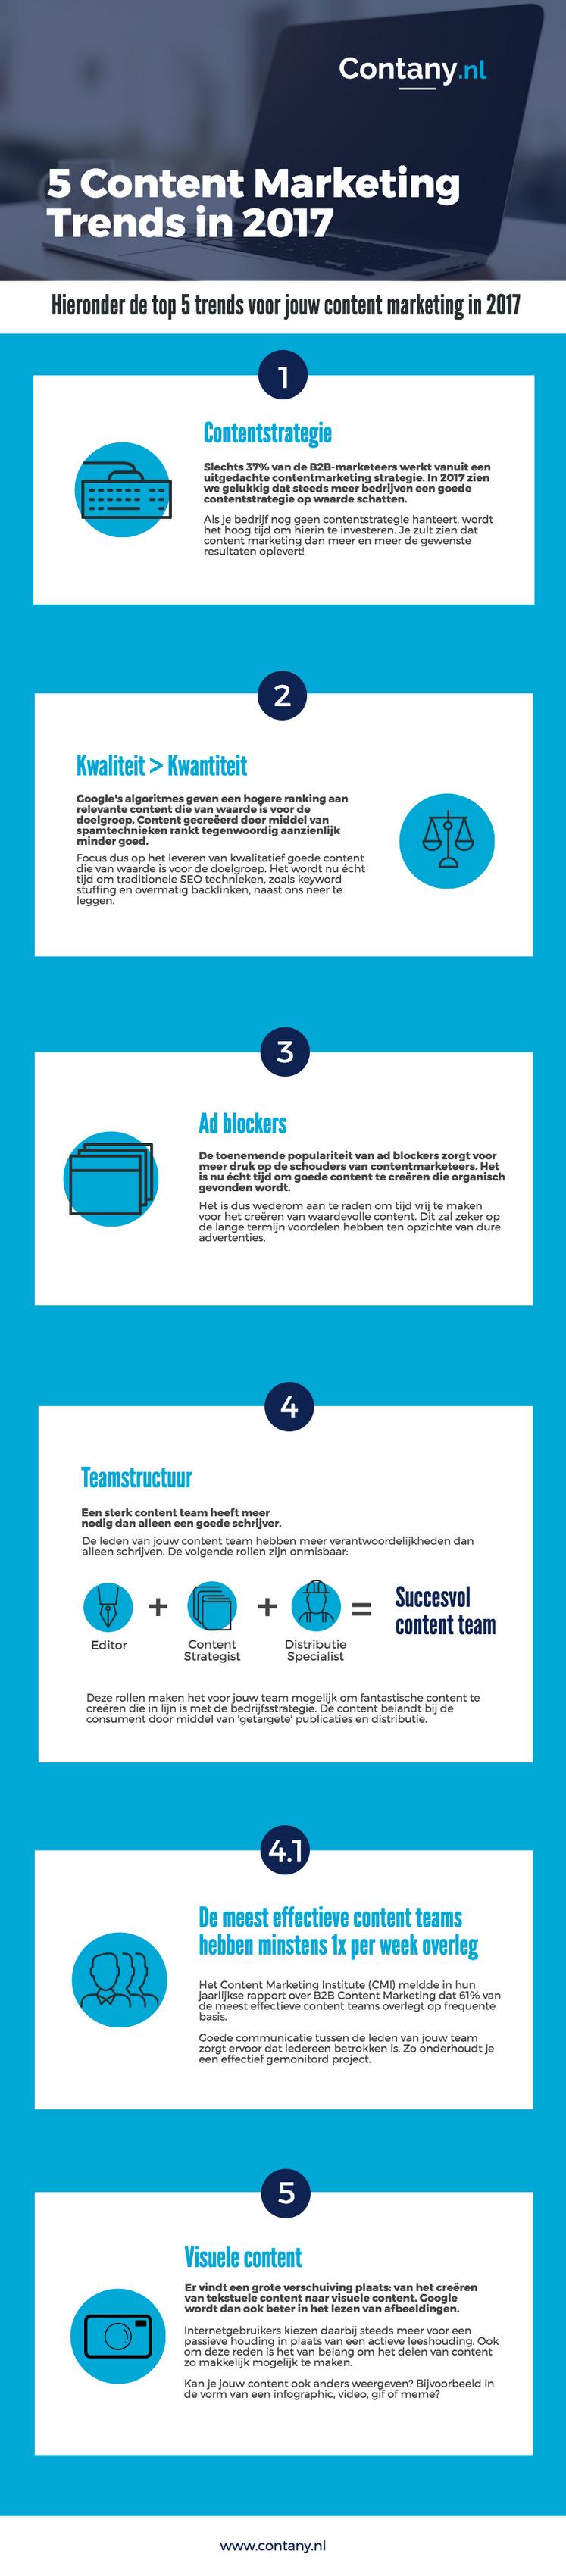 Contentmarketing-trends-2017-002